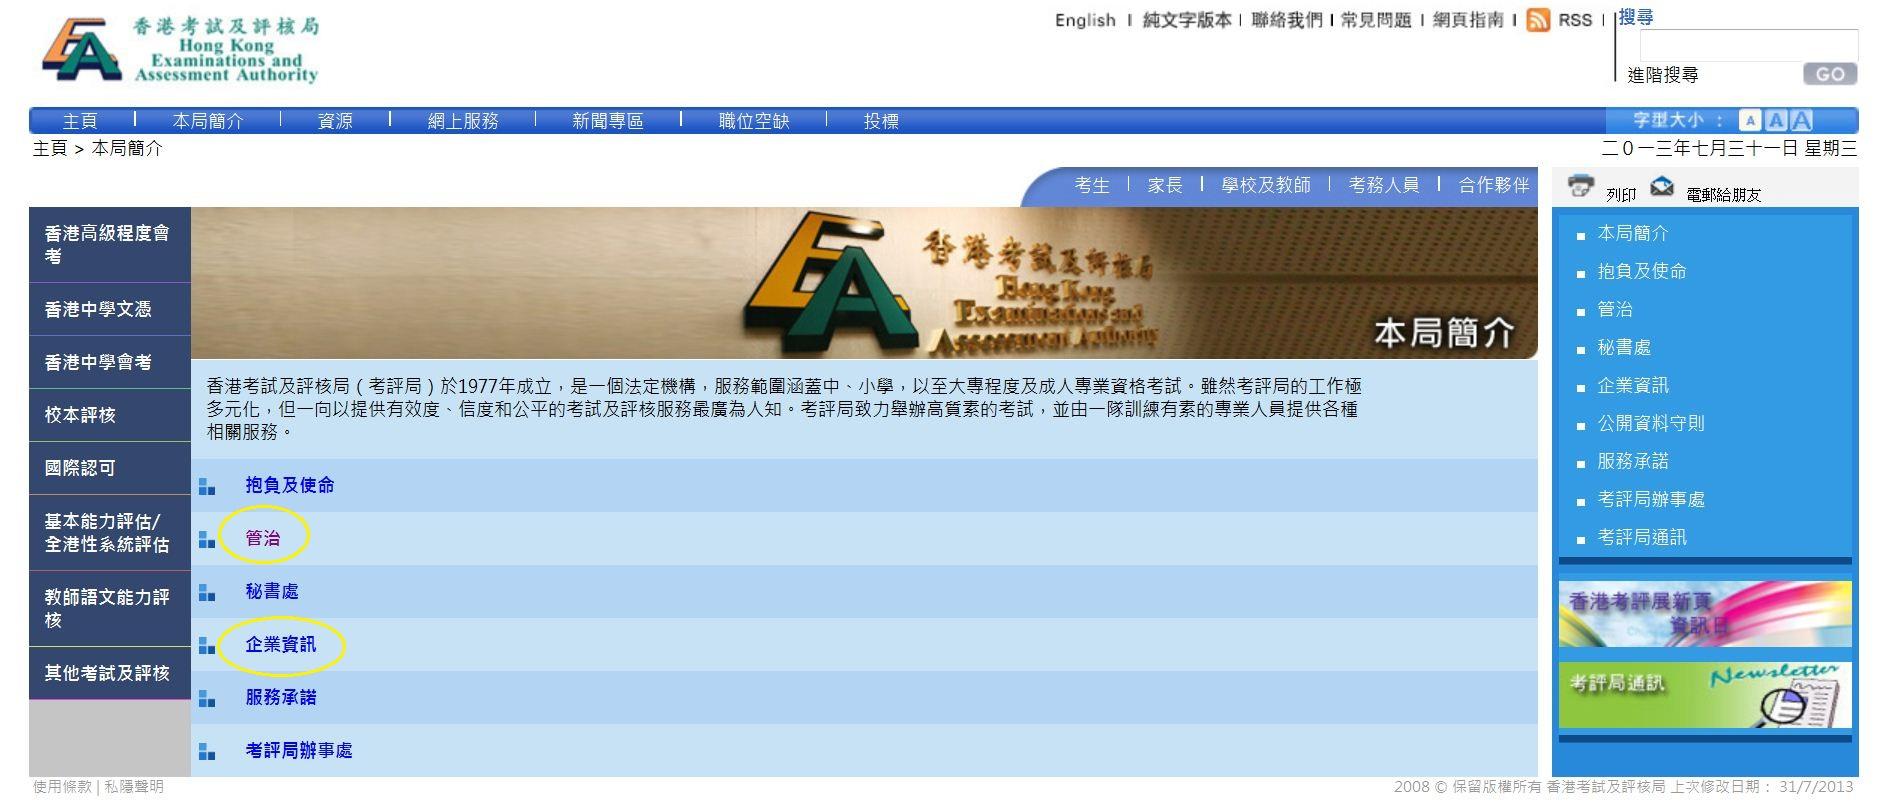 考評局令人驚訝的中文水準 ─ 「管治」和「企業」(見黃圈)